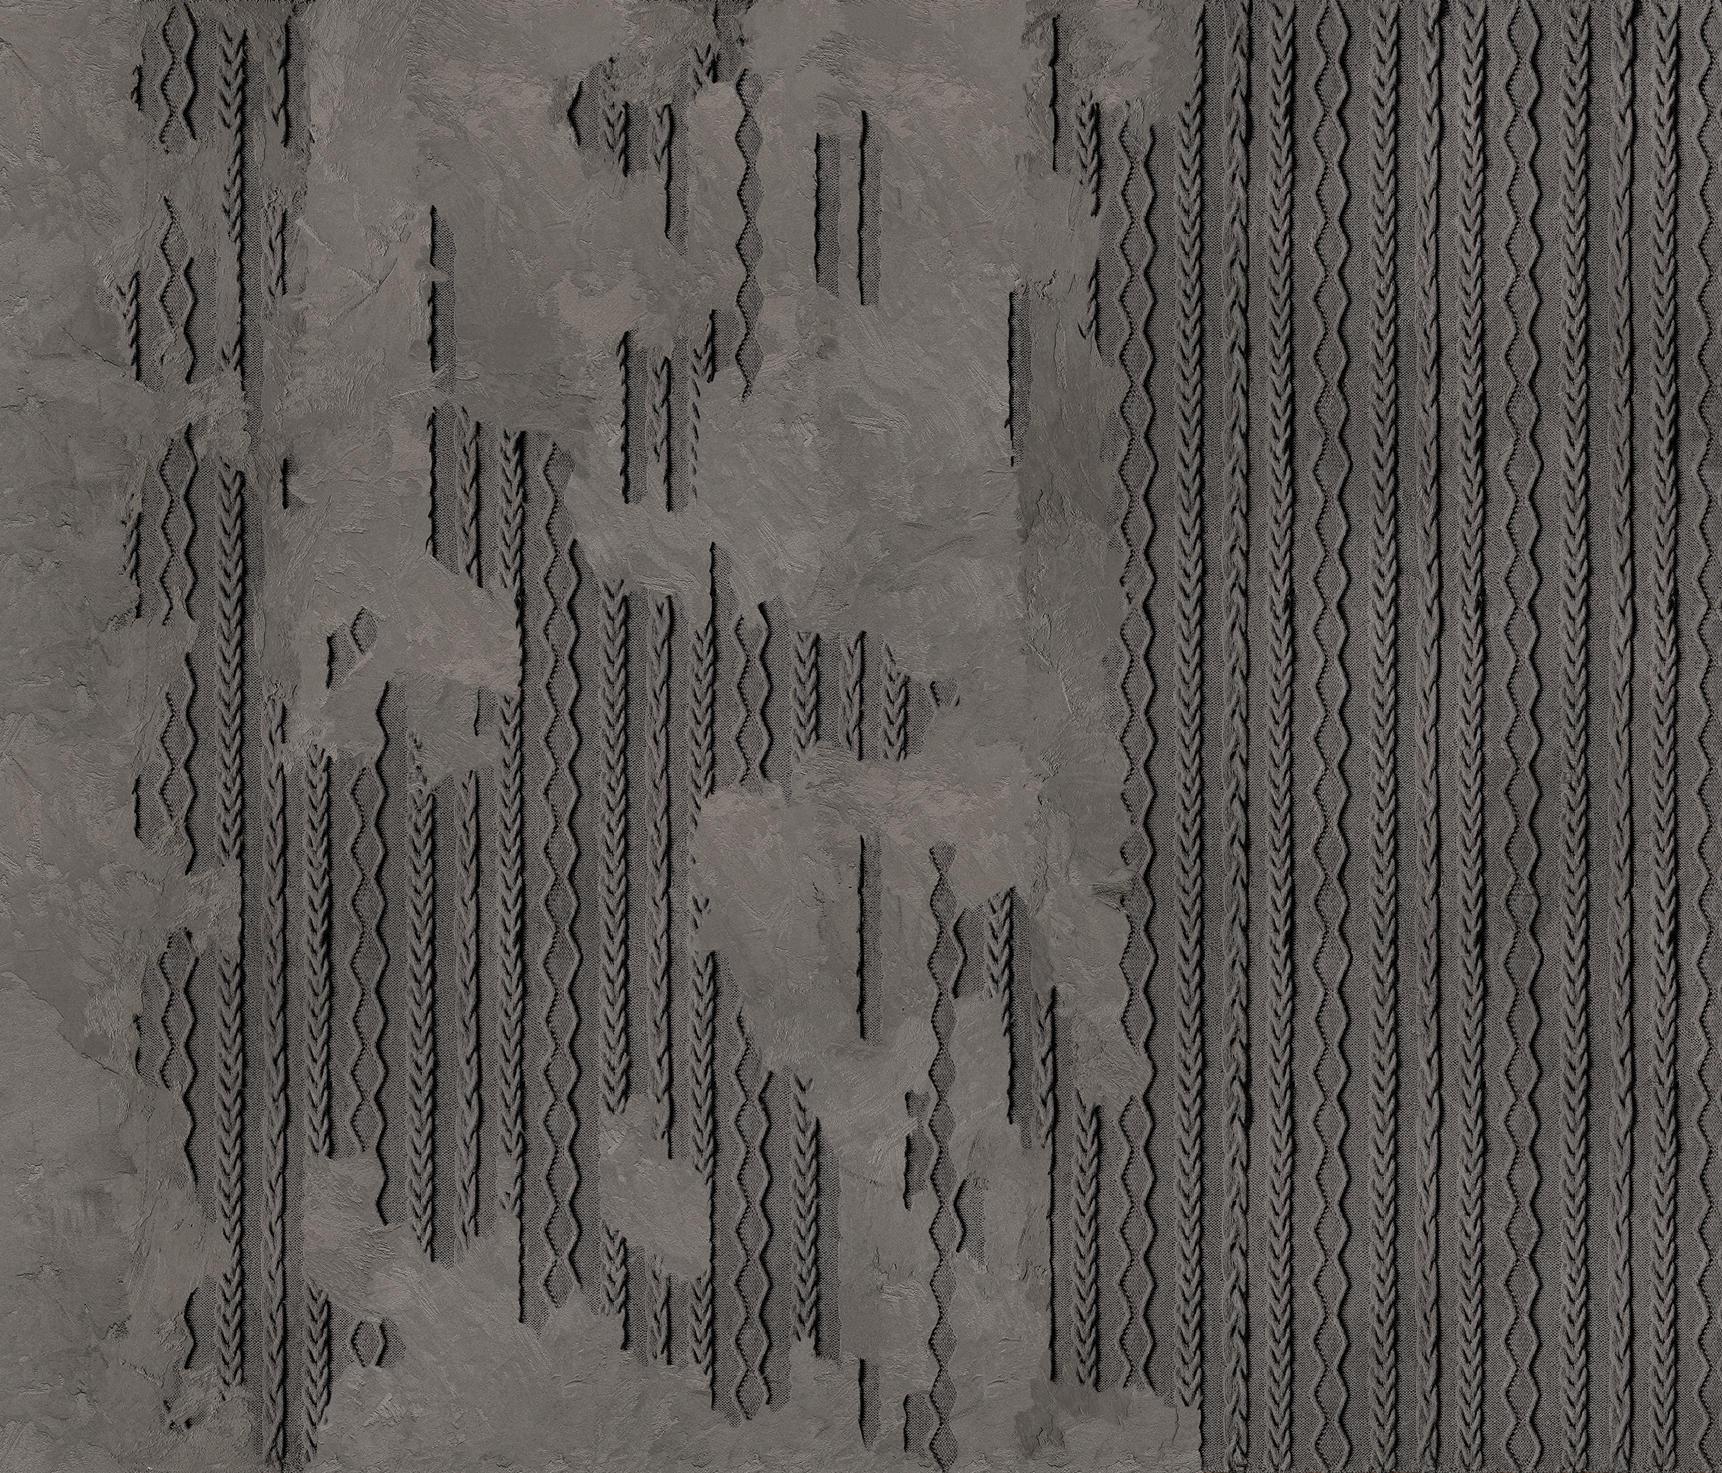 Wool carta da parati carta da parati wall dec for Produttori carta da parati